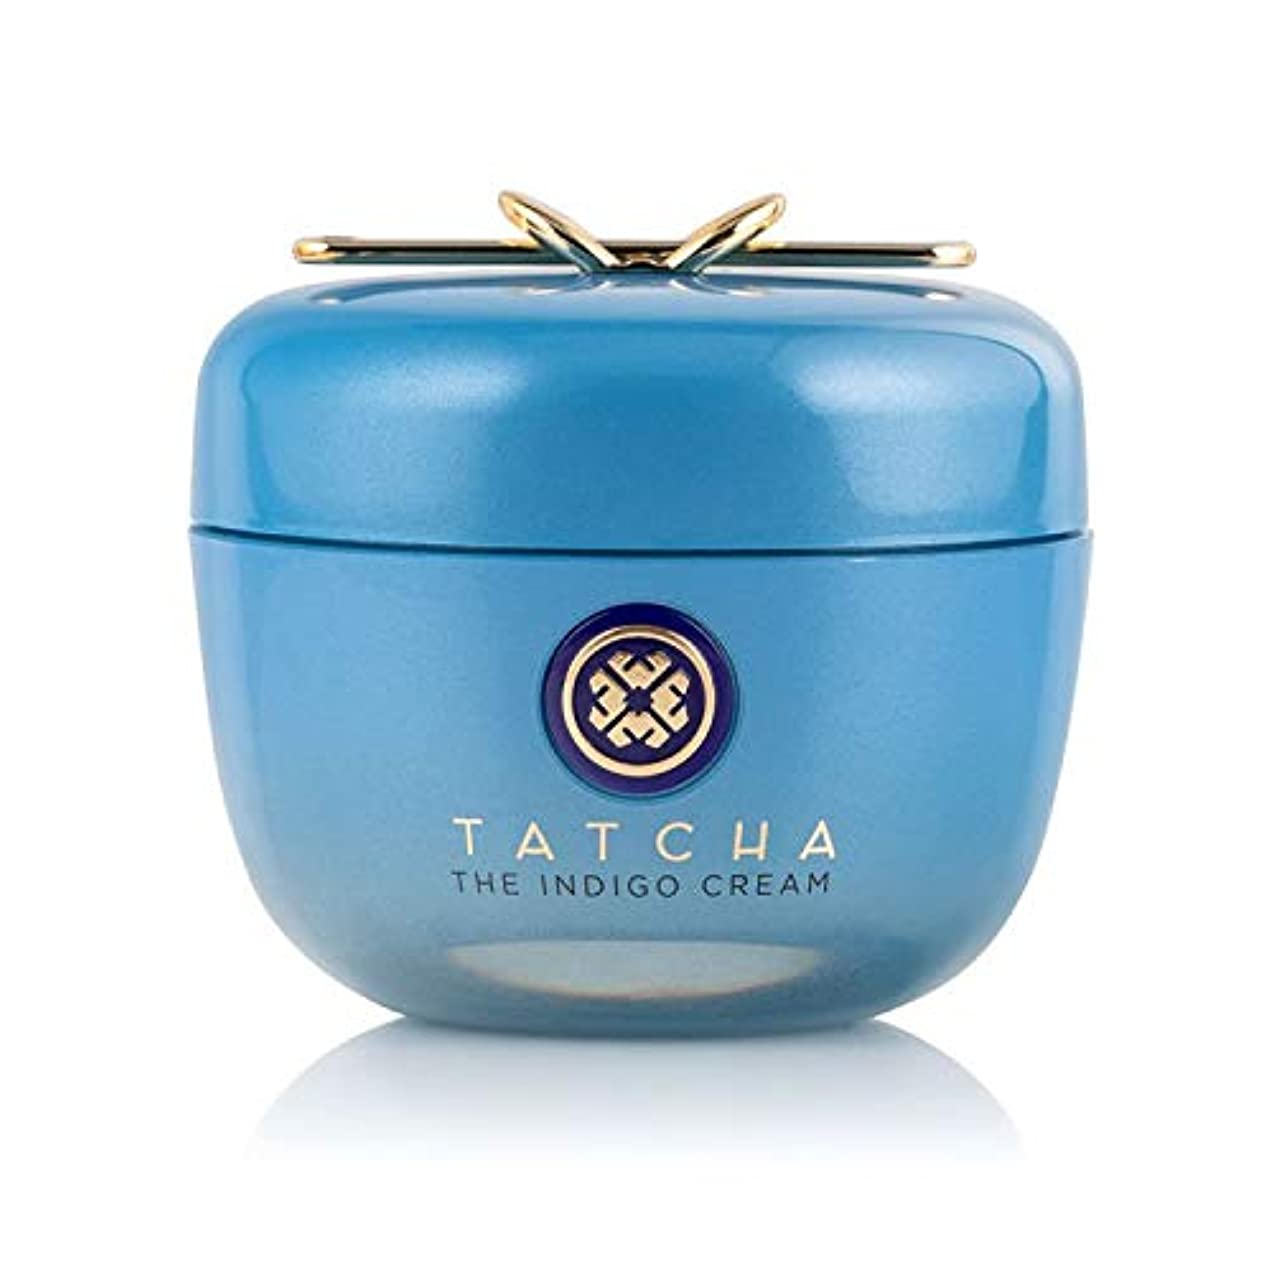 日帰り旅行にアーク太字Tatcha The Indigo Cream Soothing Skin Protectant 1.7 oz/ 50 mL タチャインディゴ クリーム